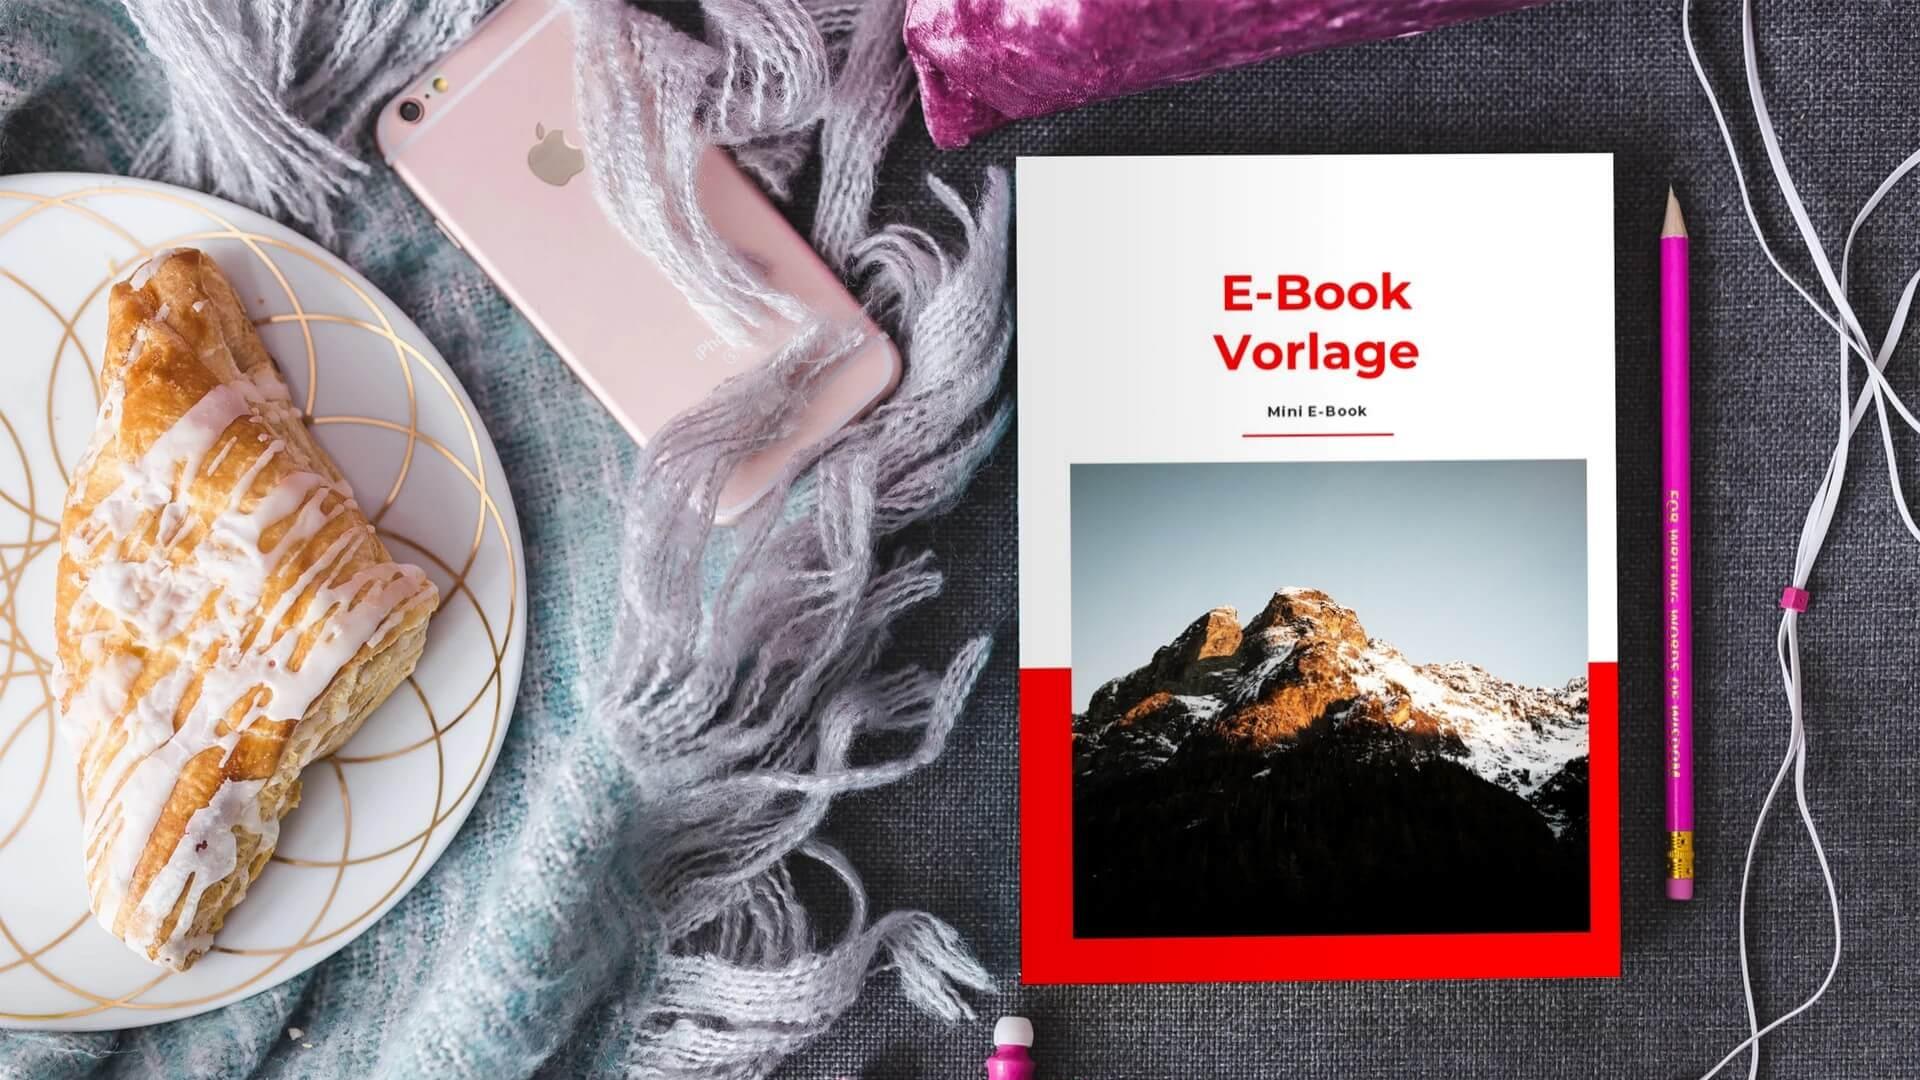 Weitblick_Vorlage_E-Book_Mockup